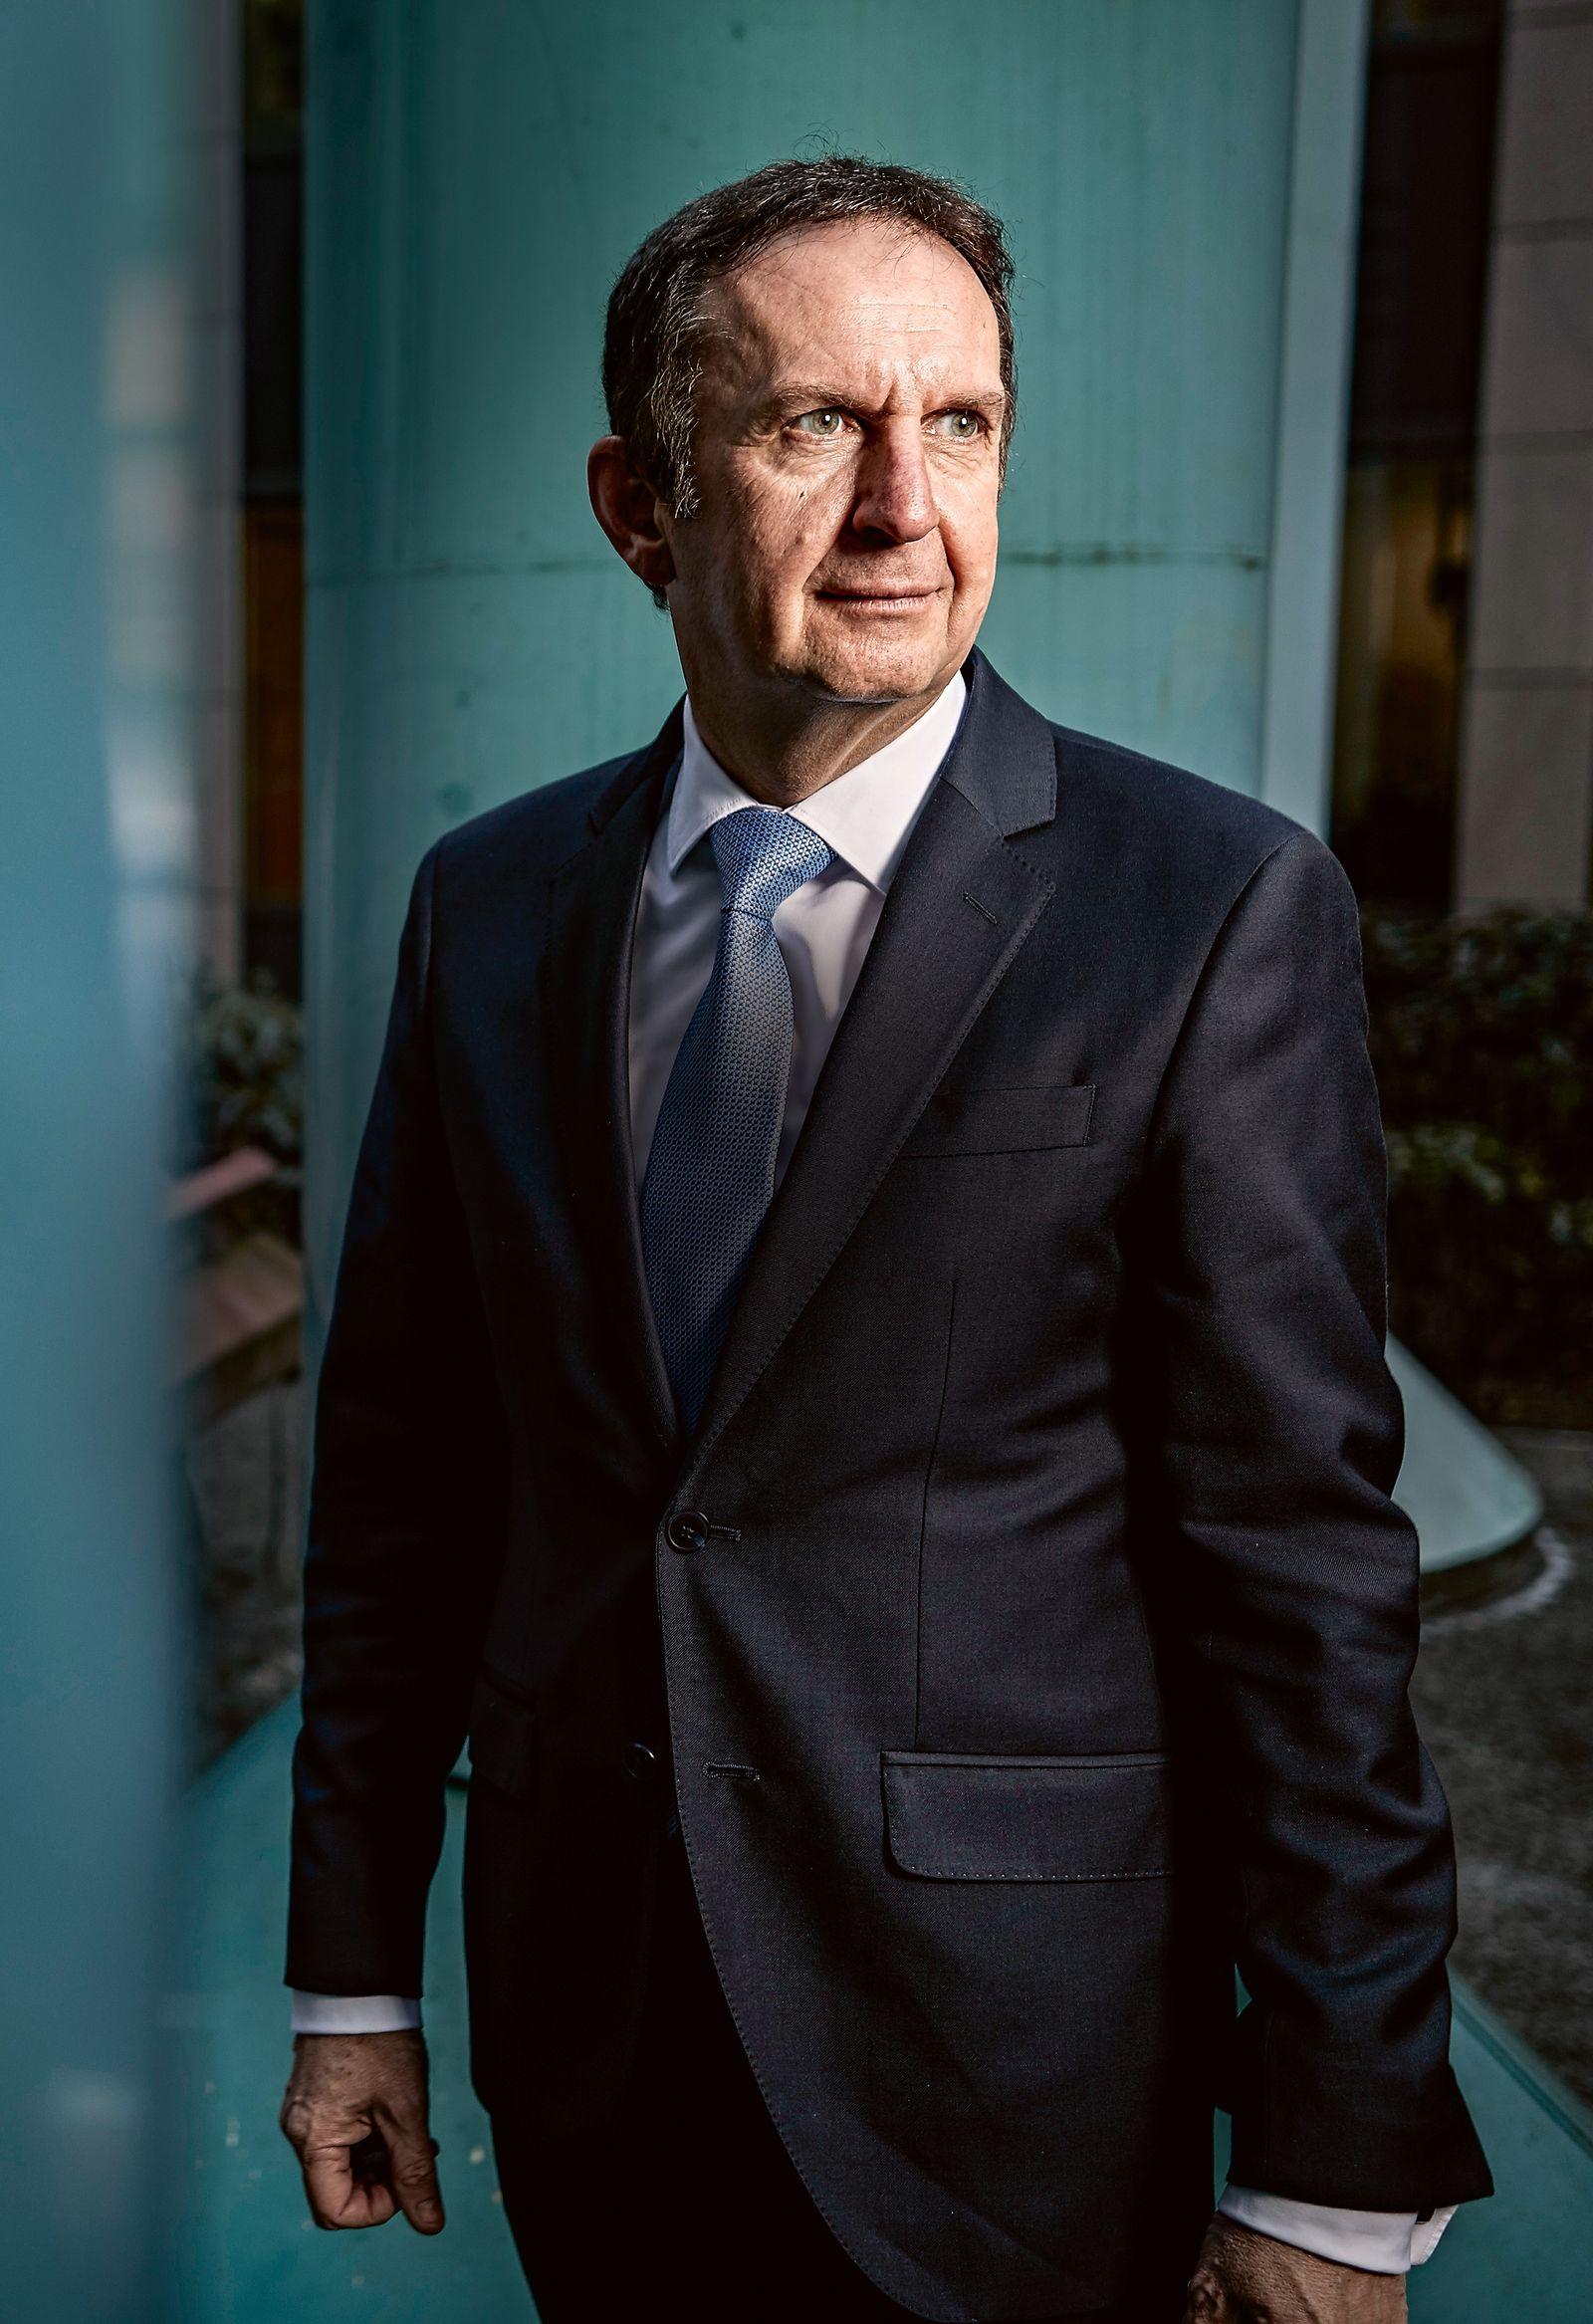 HANS VAN BEYLEN, HENKEL CEO, 25.1.2017, DUESSELDORF